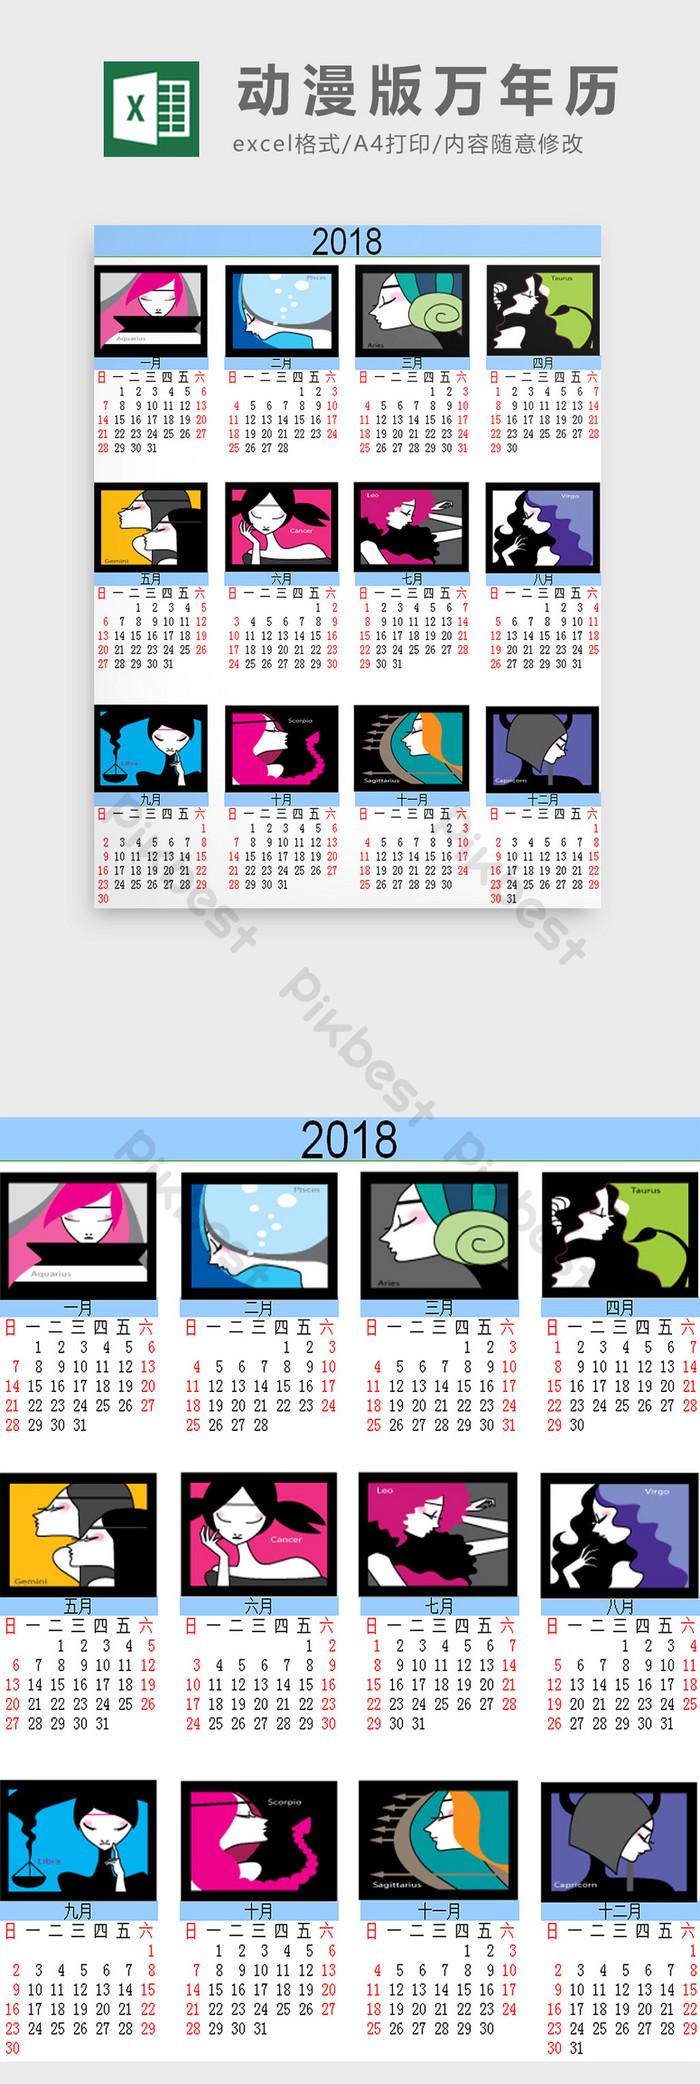 動漫版萬年曆Excel模板| XLSX Excel模板素材免費下載 - Pikbest